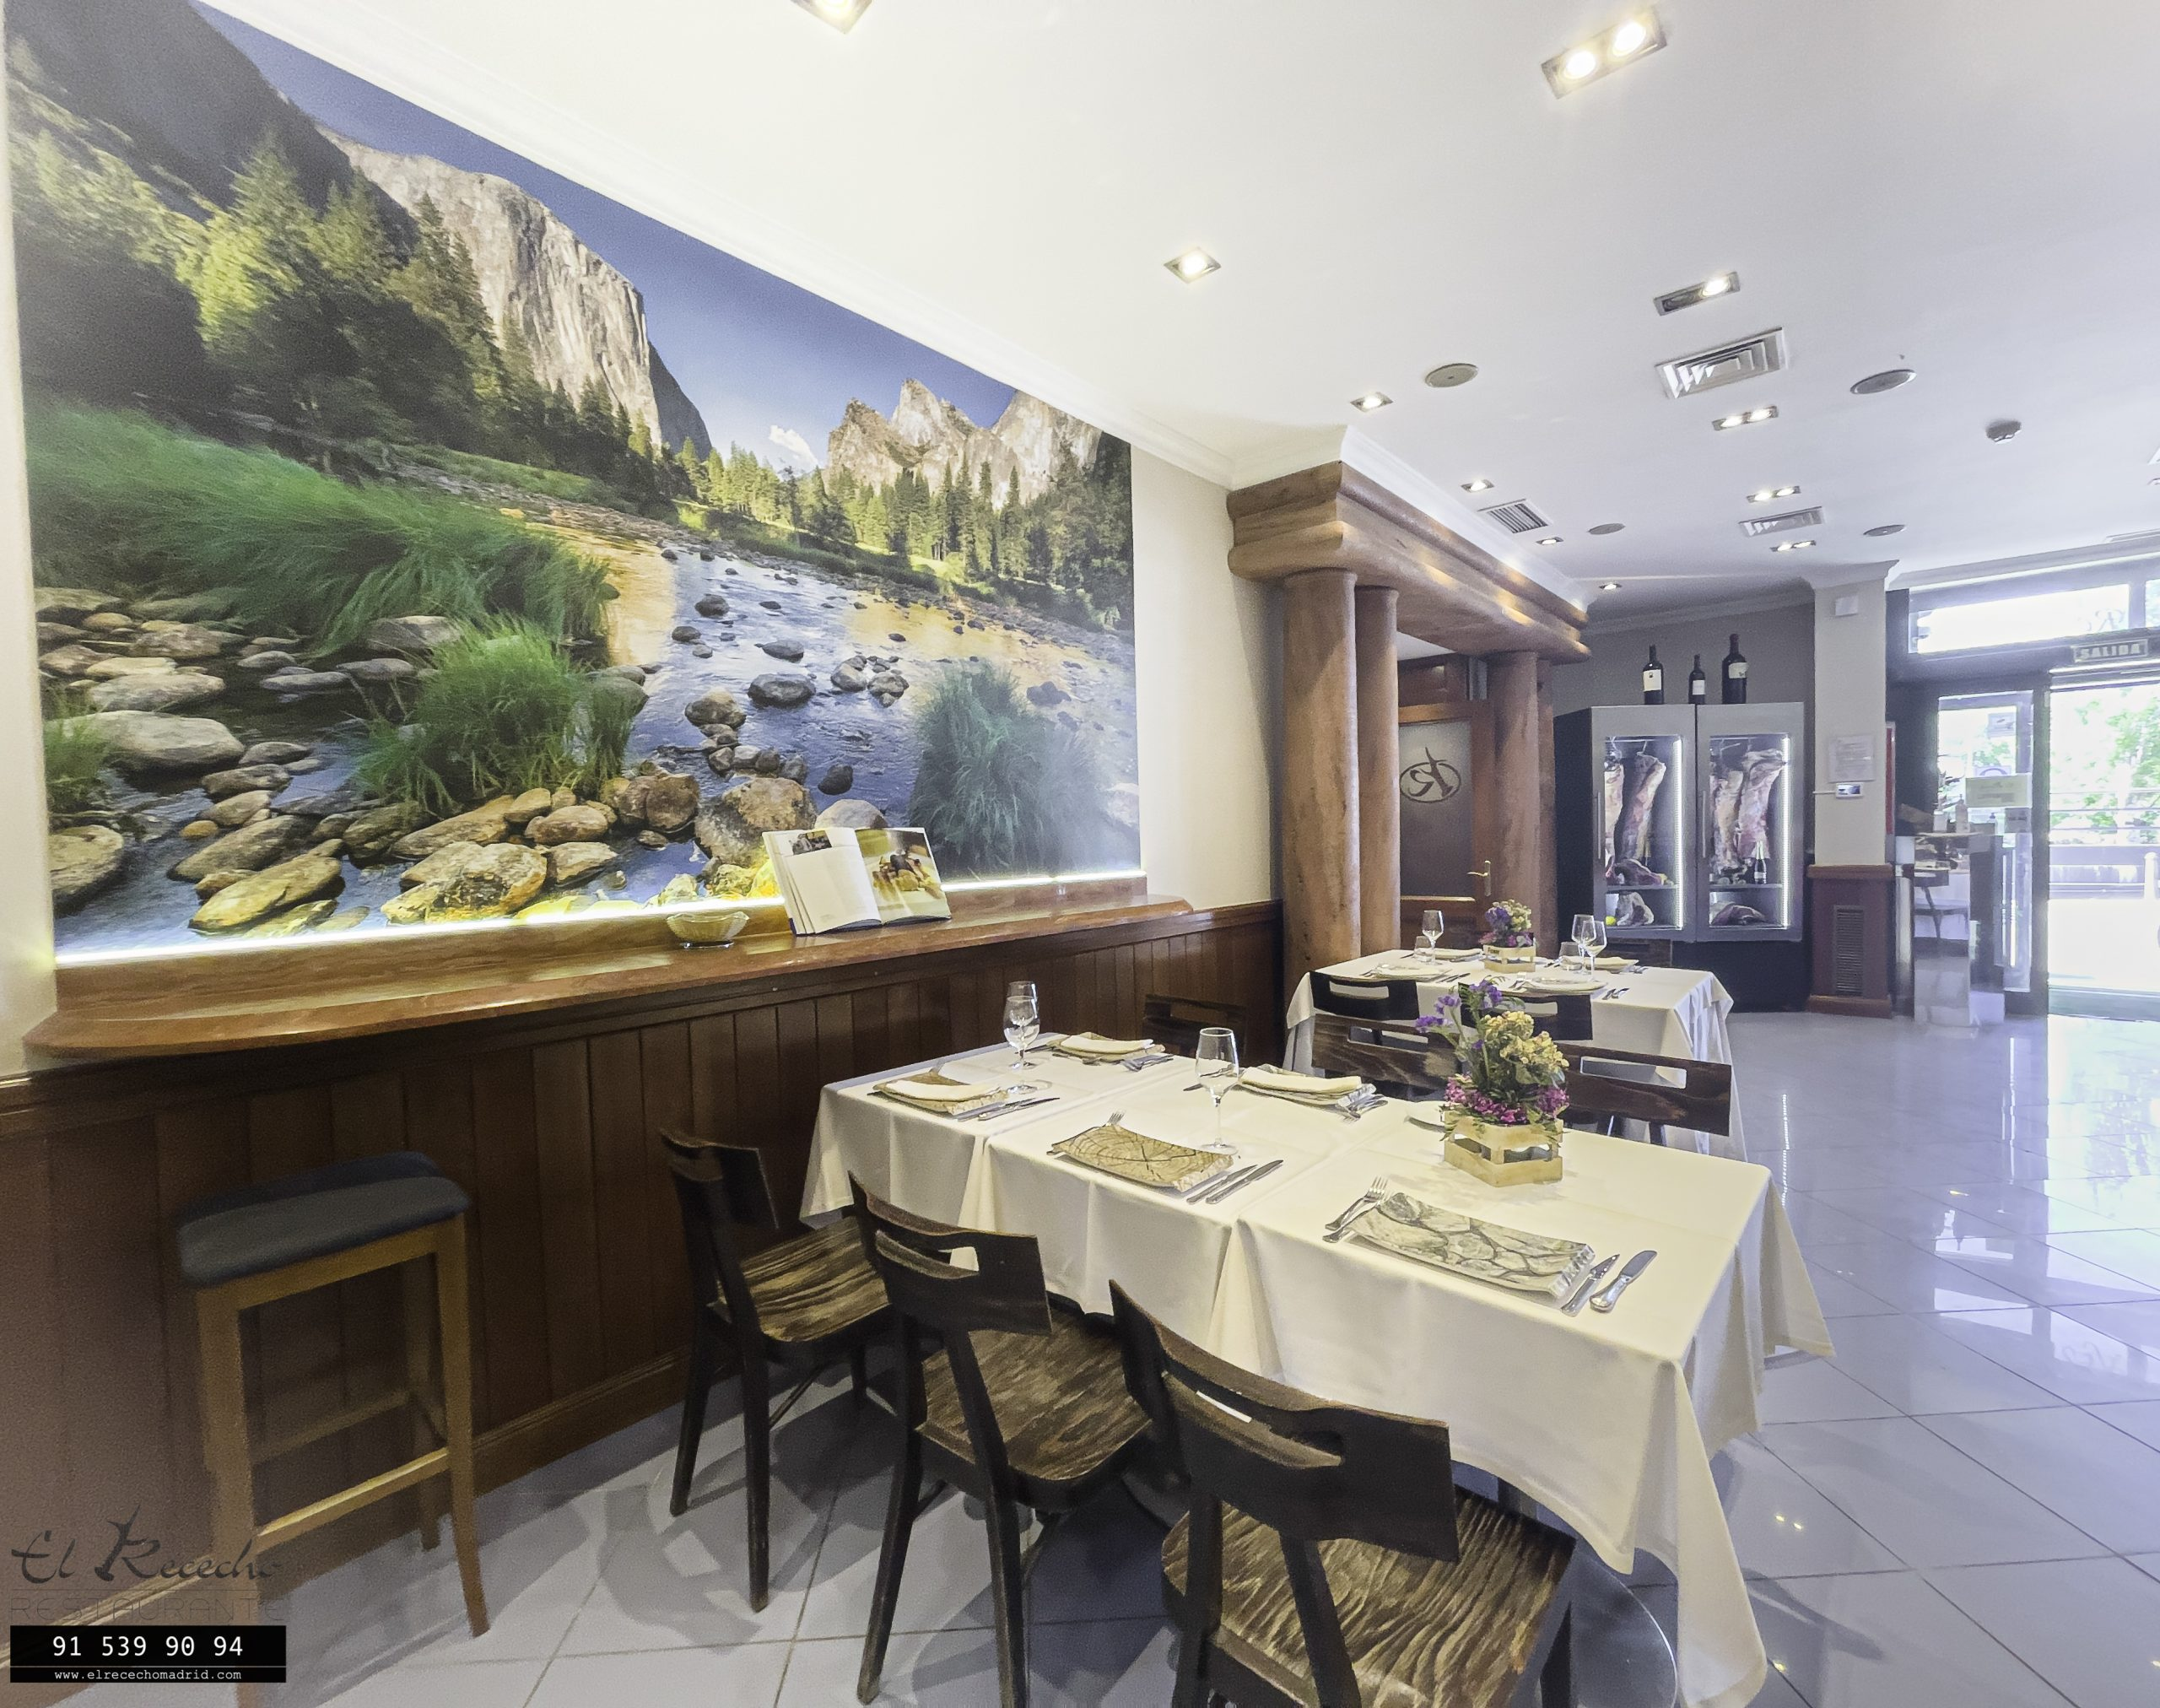 Restaurante El Rececho